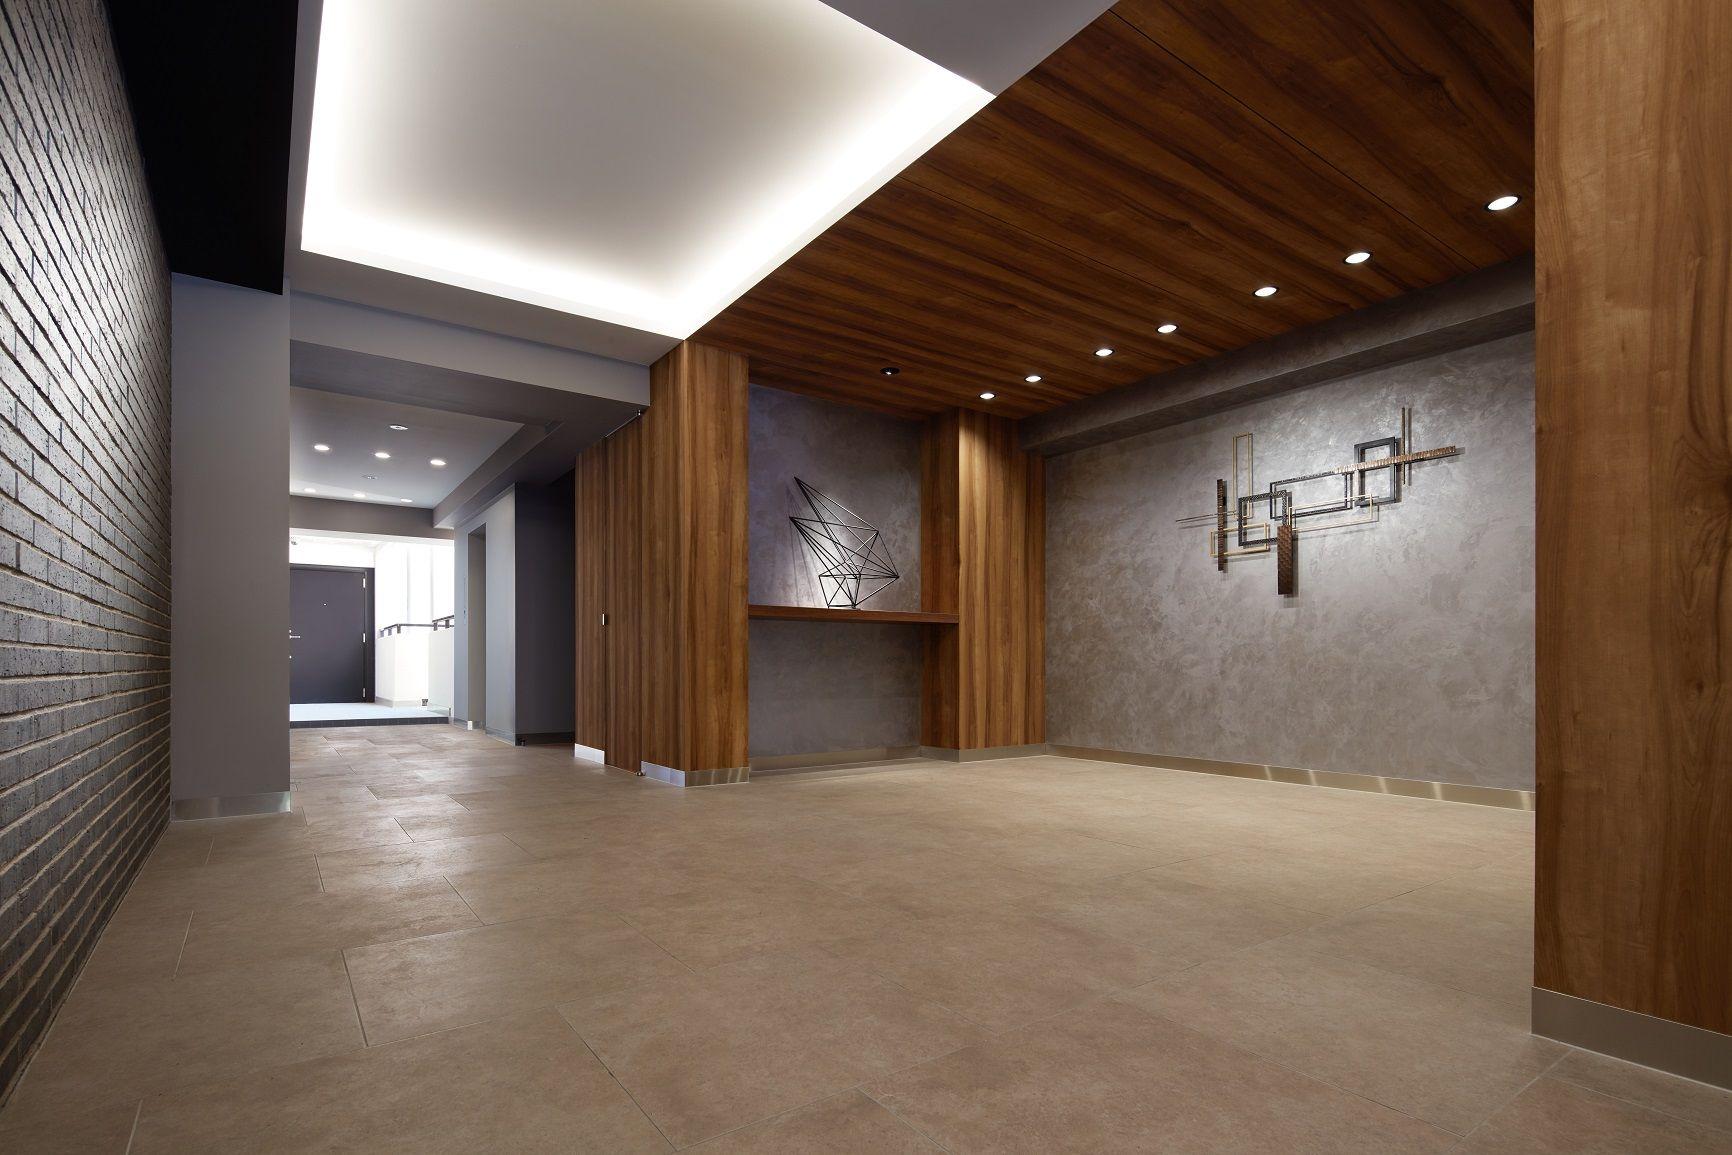 プライムフィット中目黒 公式 中目黒の1棟丸ごとリノベーションマンション エントランスホール ロビーのデザイン マンション